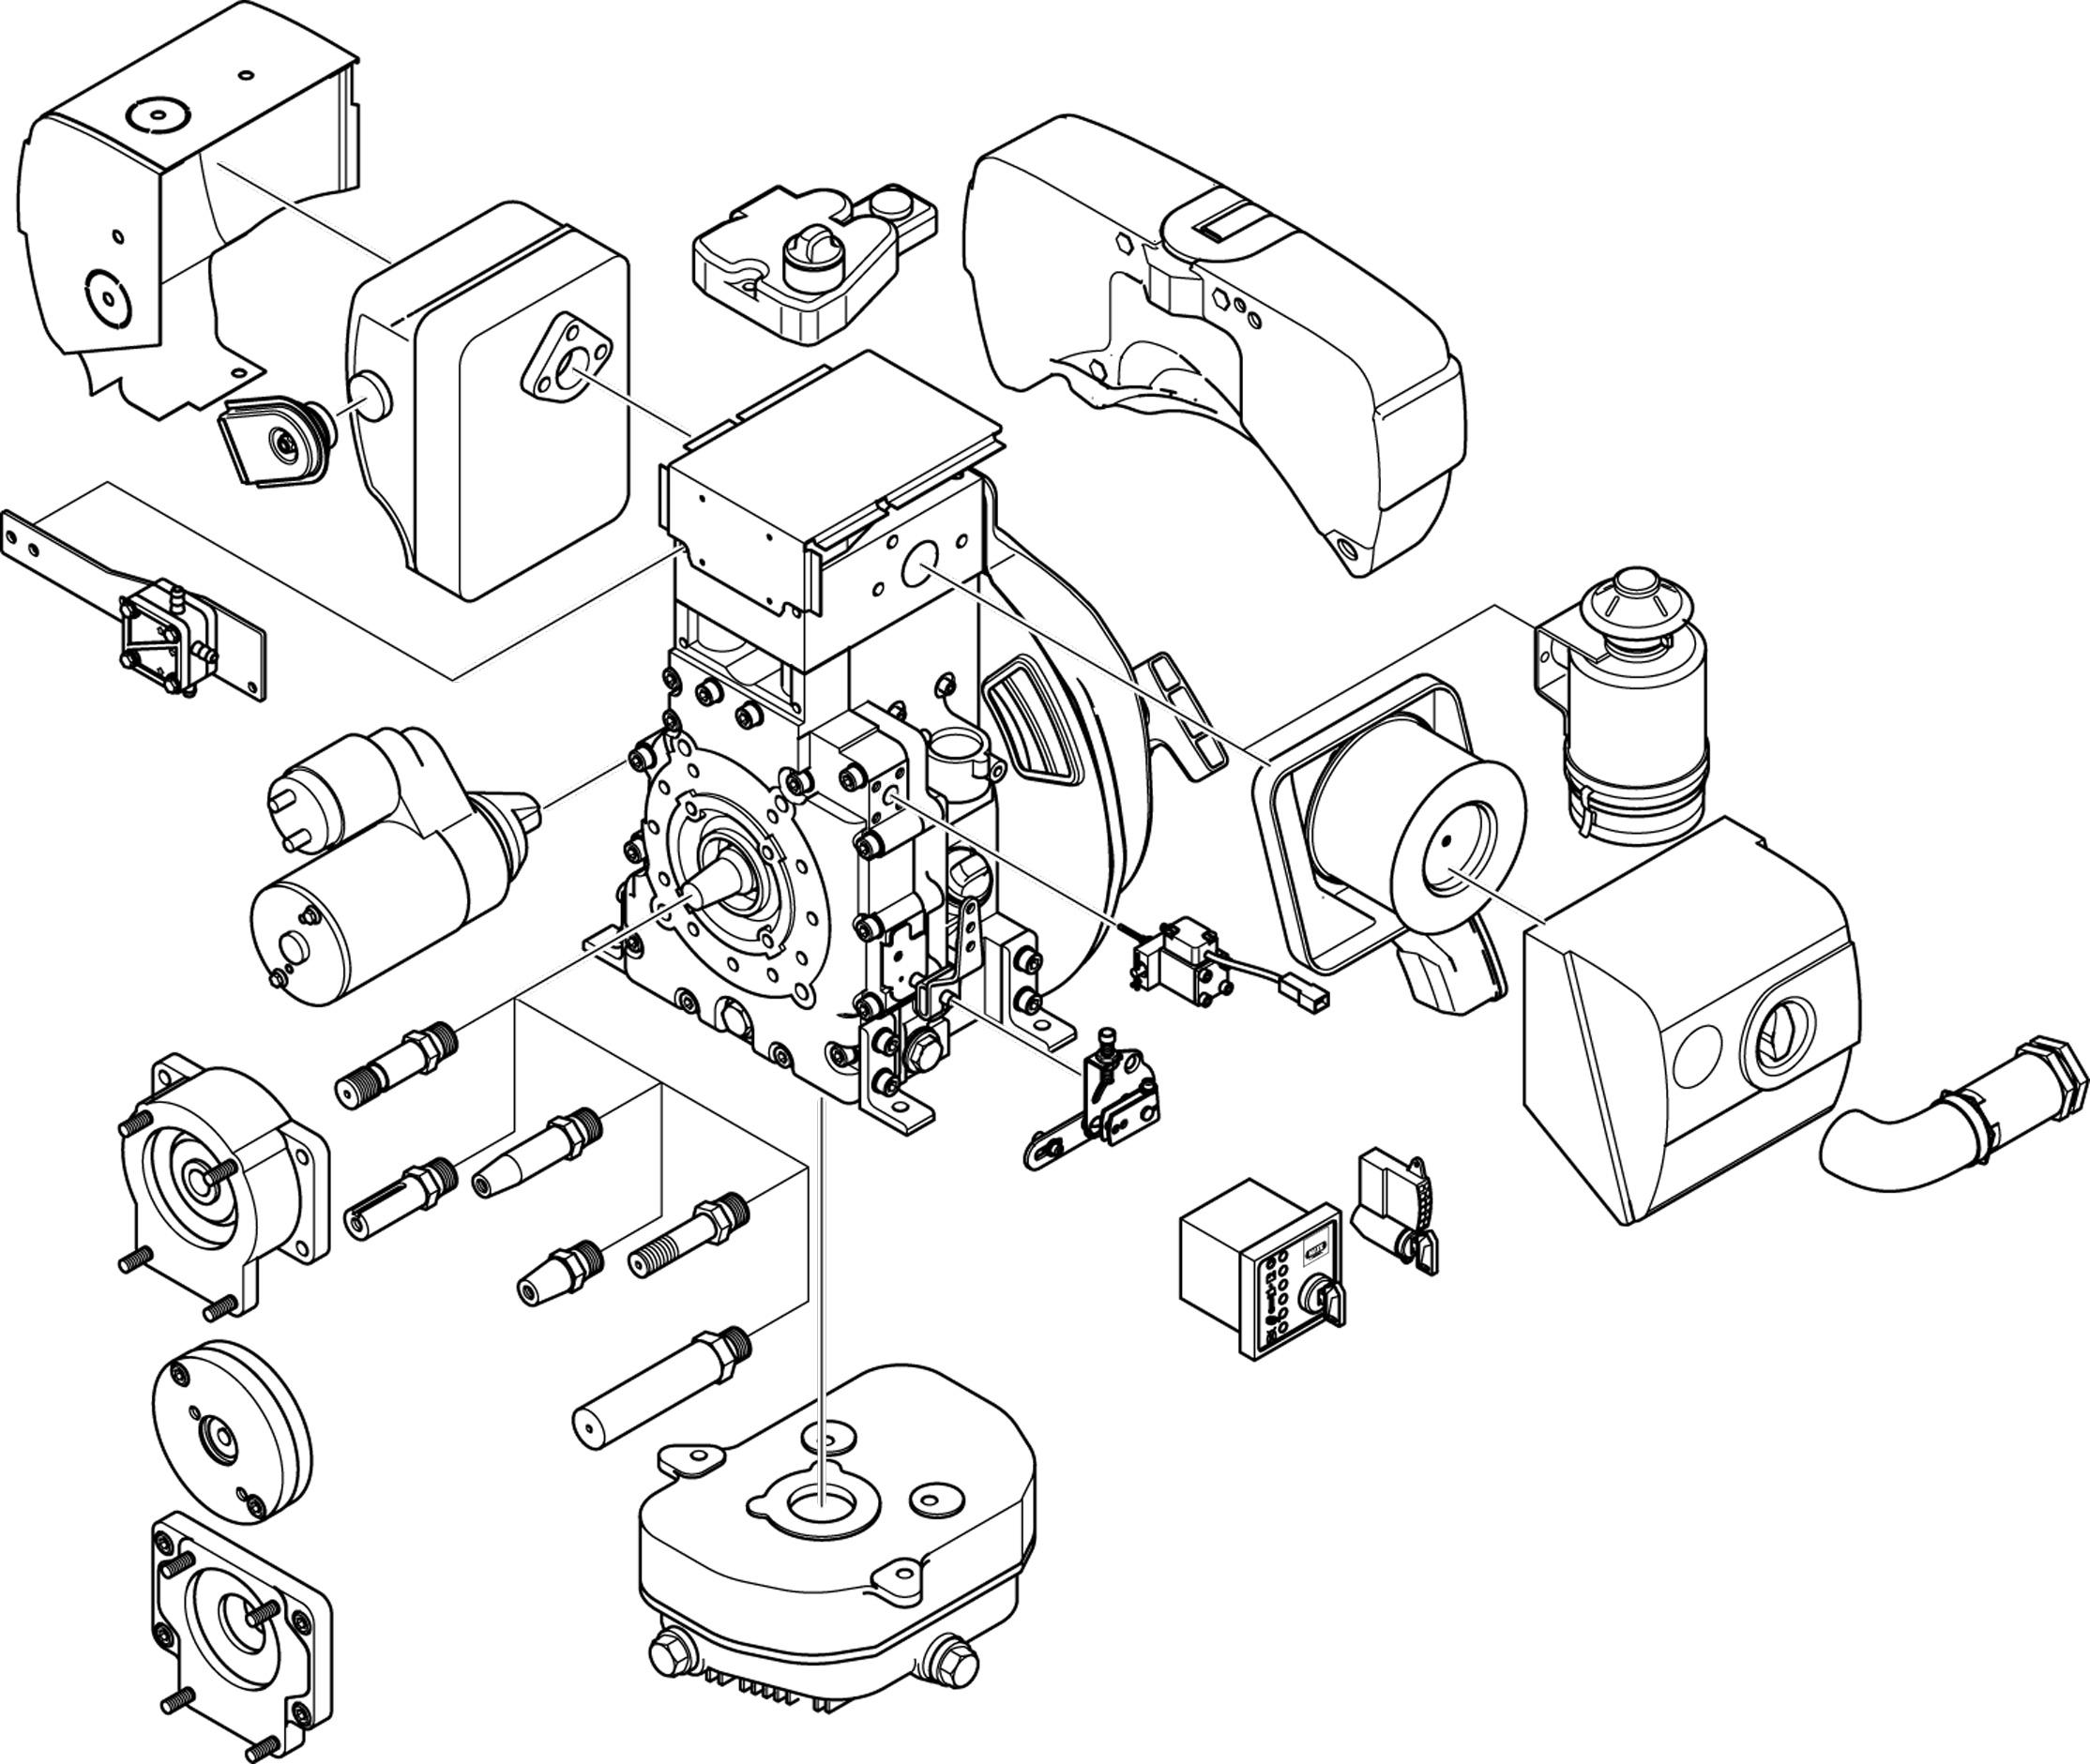 moteurs diesel hatz le moteur diesel 1d42 est puissant. Black Bedroom Furniture Sets. Home Design Ideas